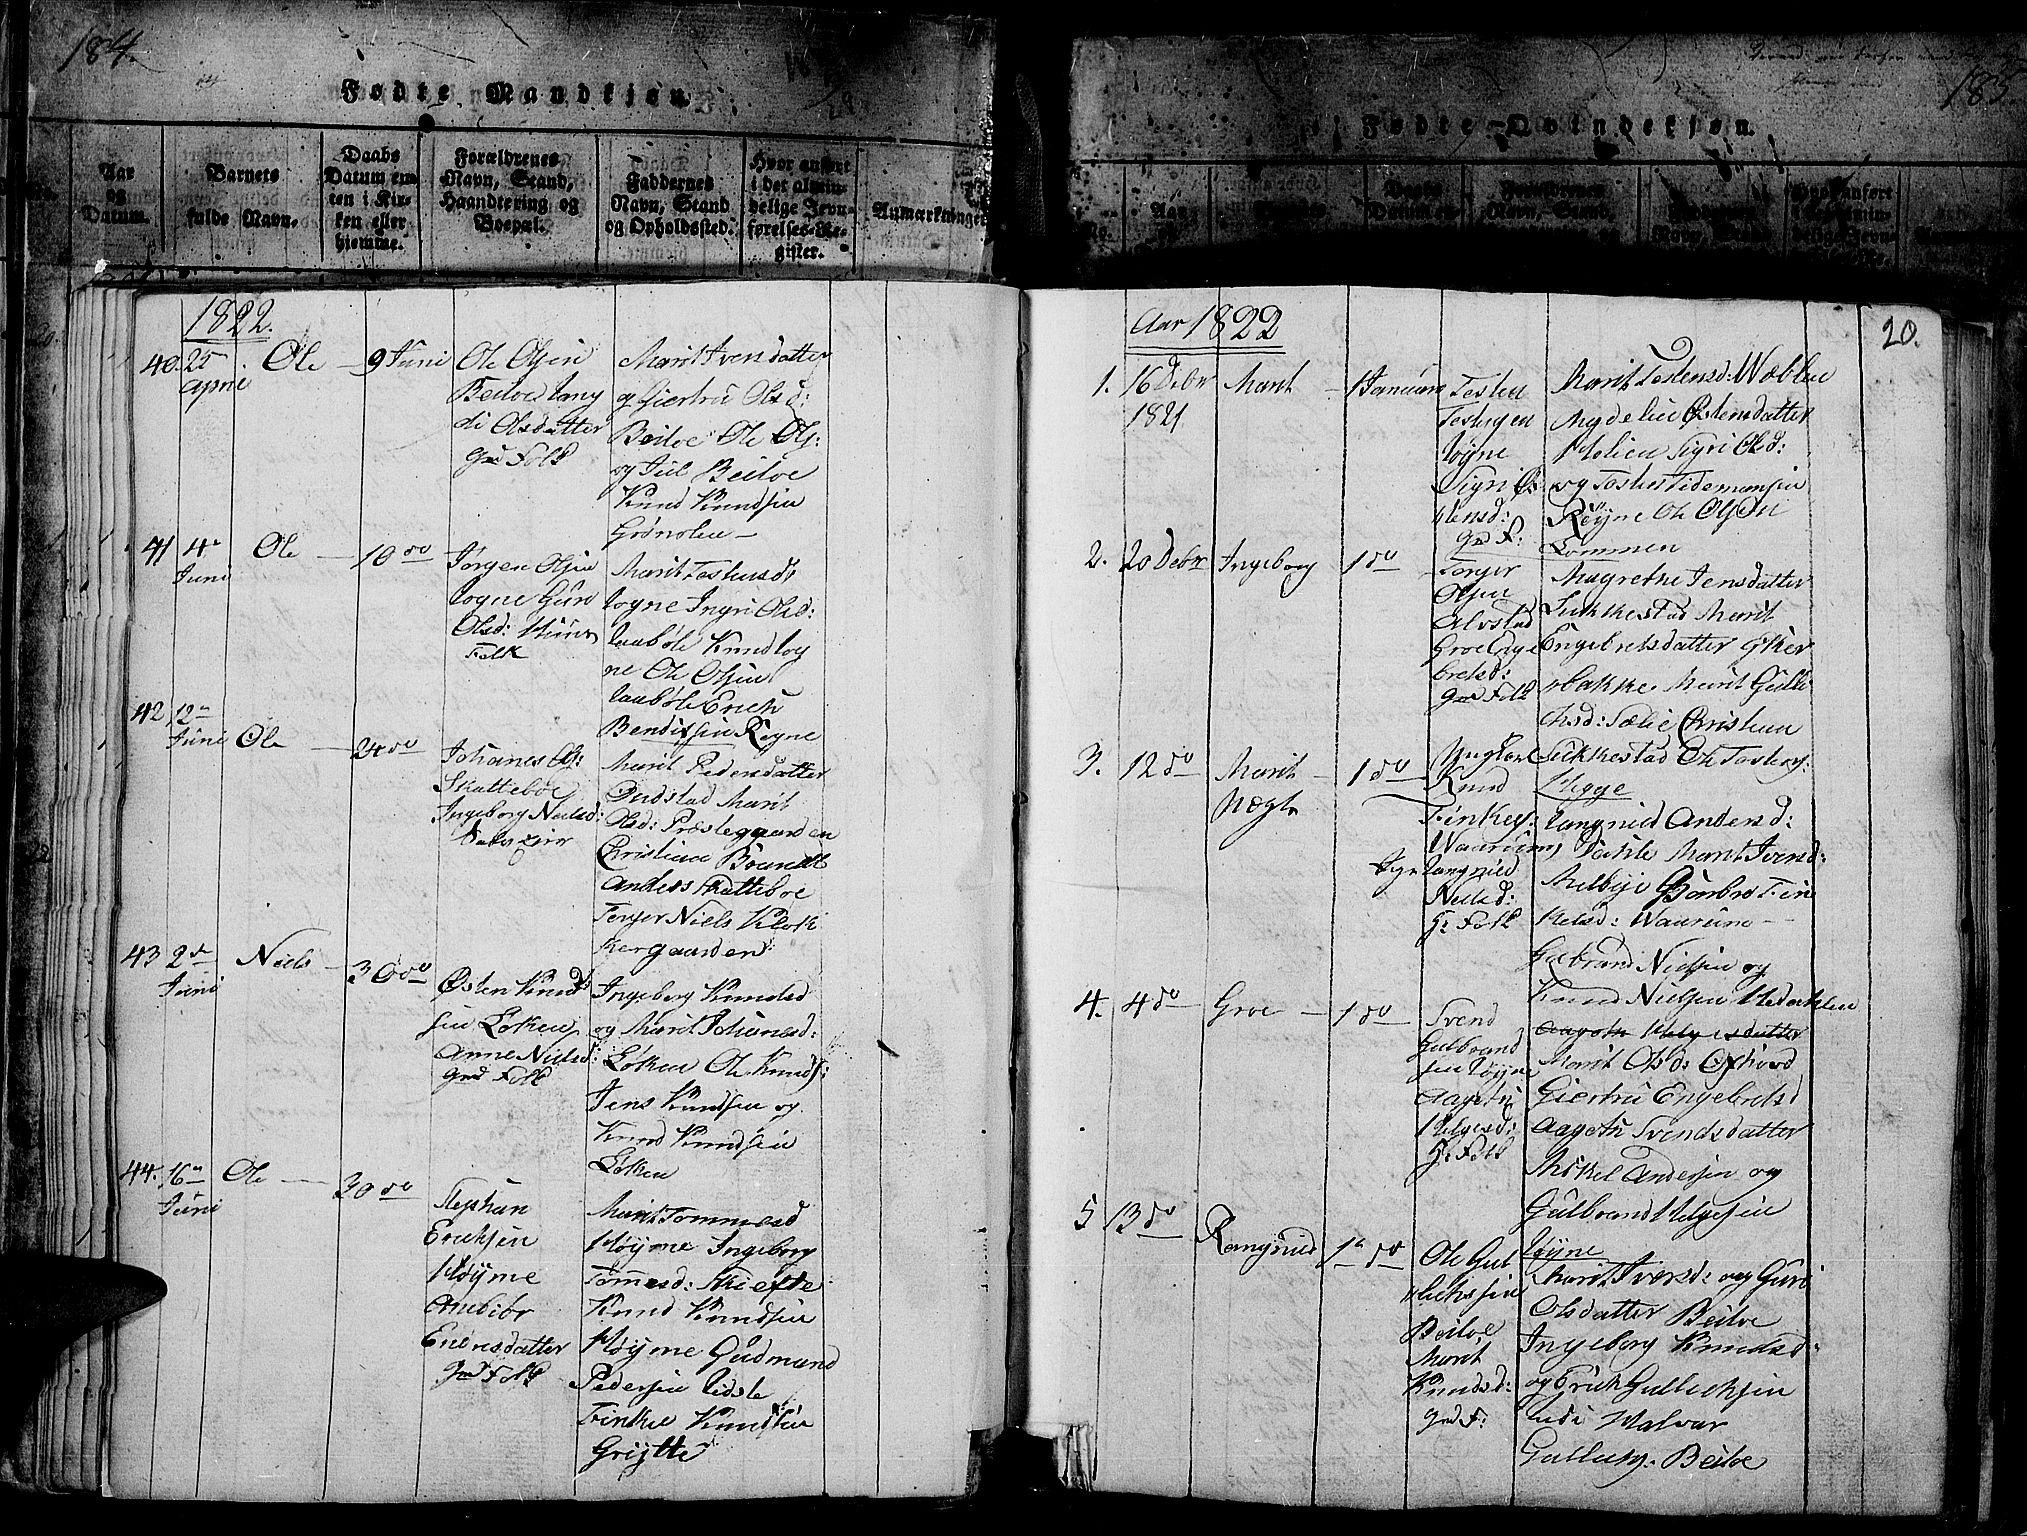 SAH, Slidre prestekontor, Ministerialbok nr. 2, 1814-1830, s. 184t